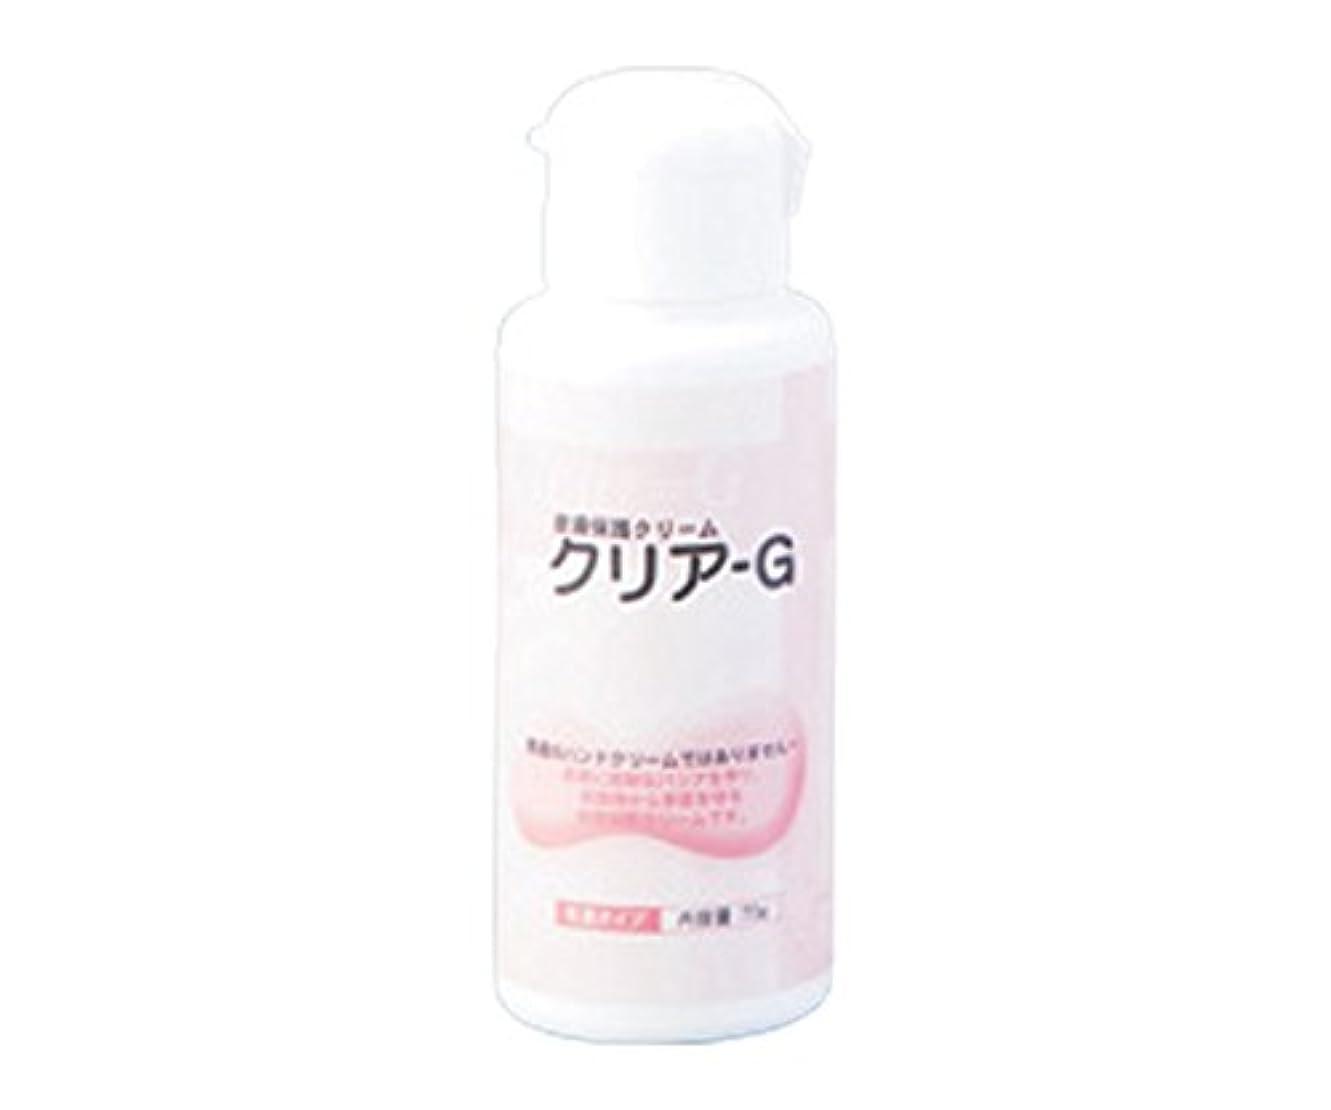 マキシム寝具深さ皮膚保護クリーム(クリア-G) 70g